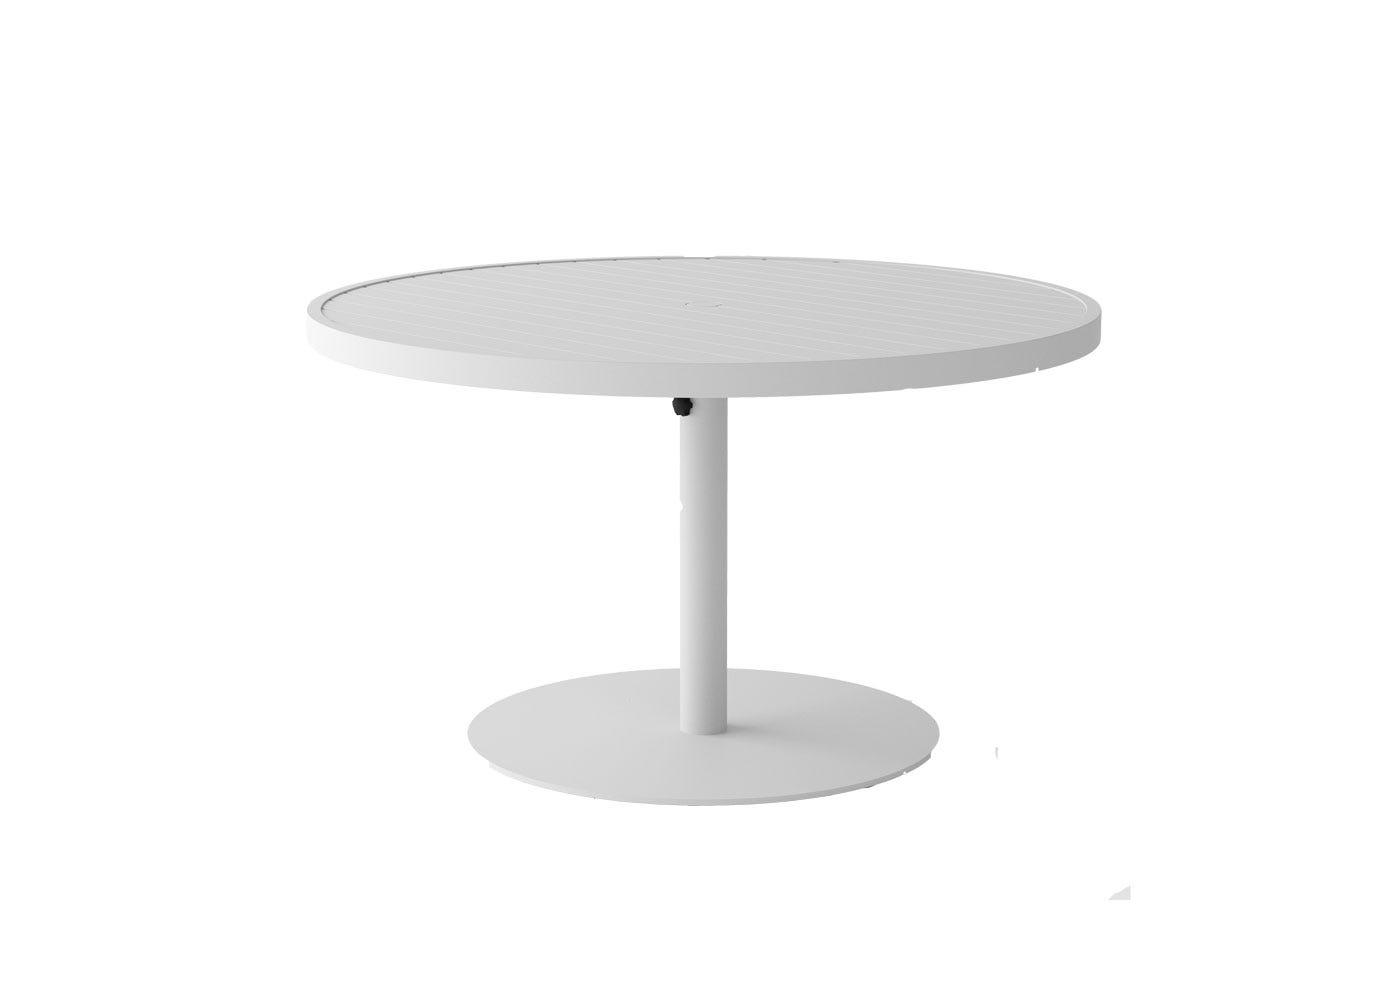 EOS Circular Outdoor Dining Table - White